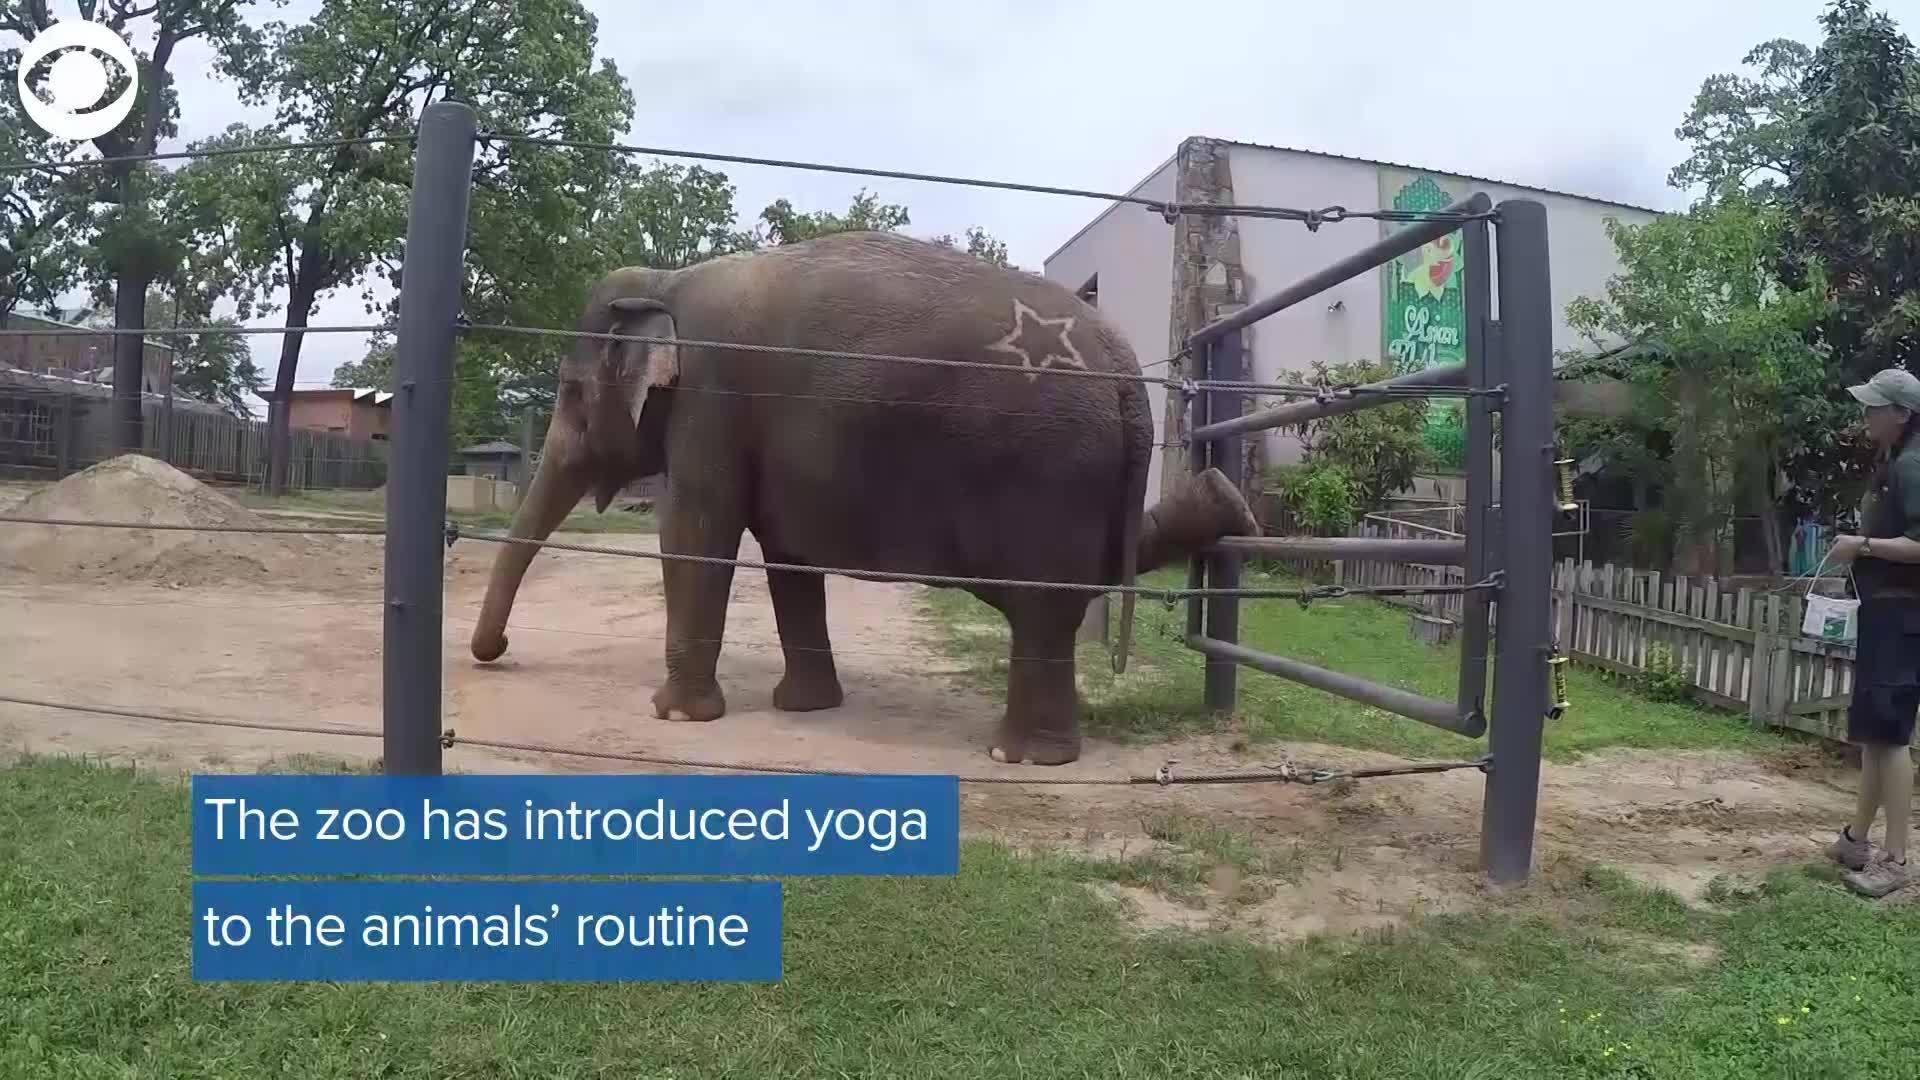 WEB_EXTRA__Elephant_Yoga_0_20180504203458